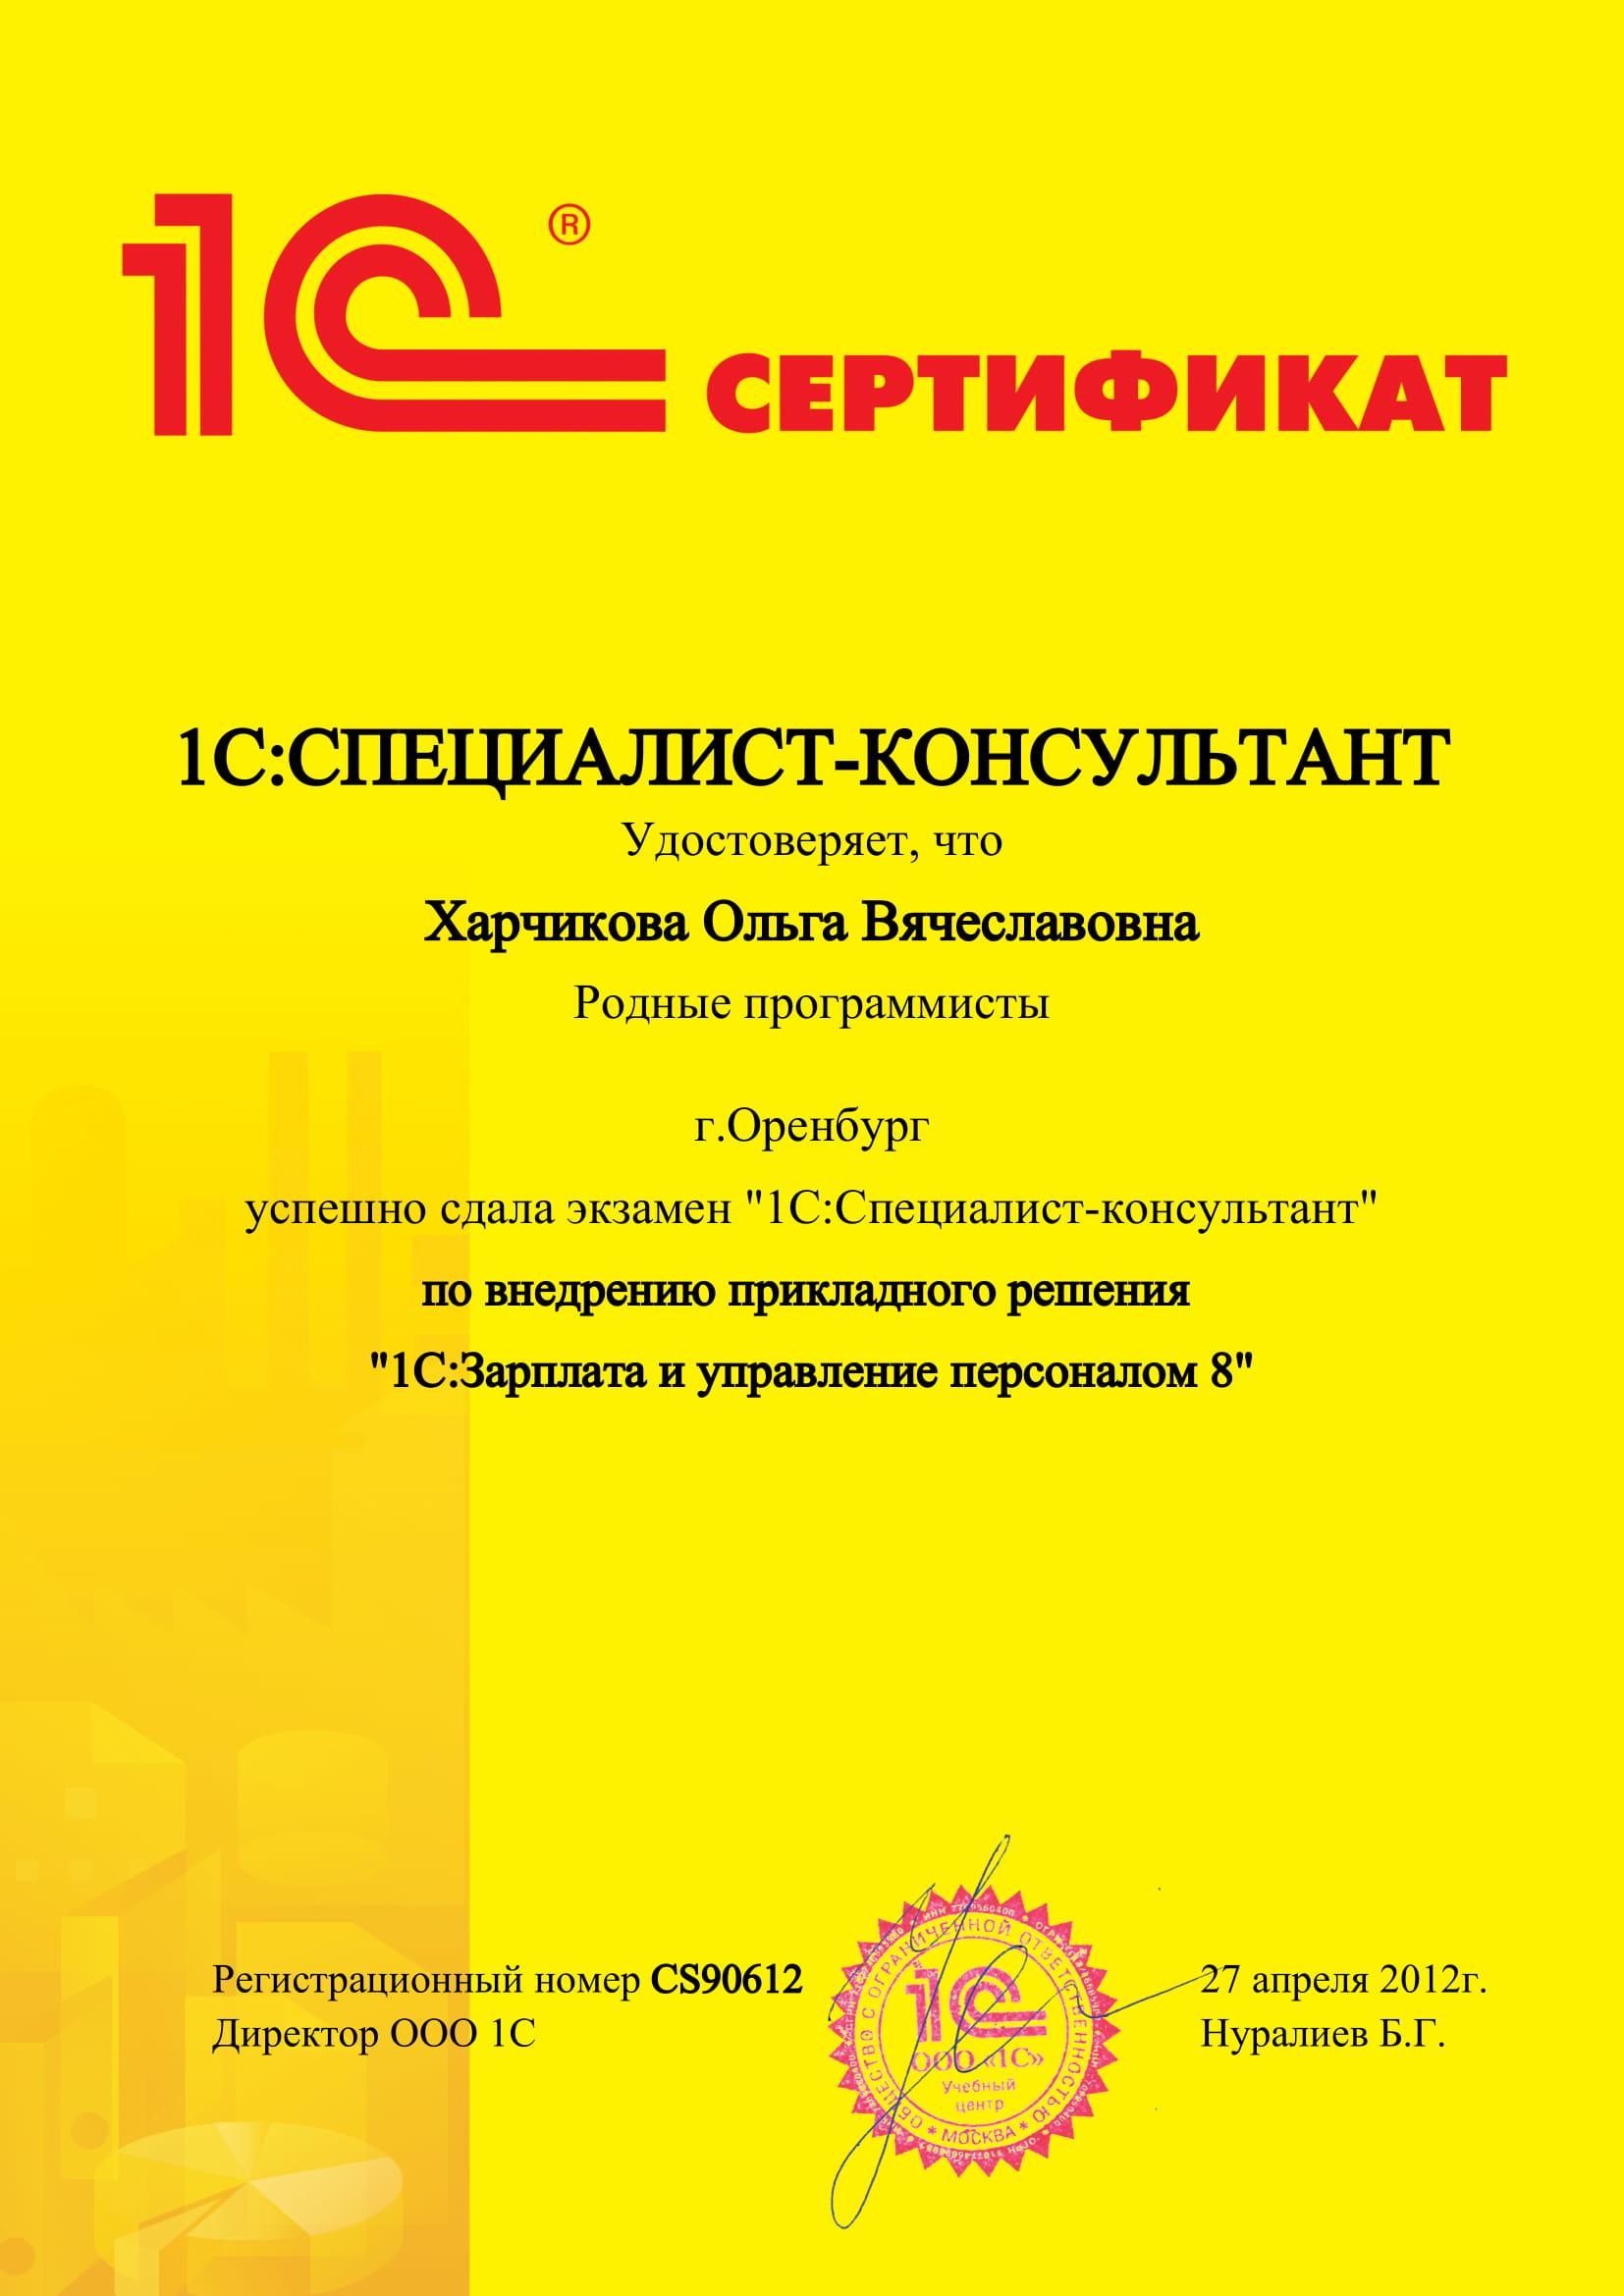 Харчикова Ольга специалист консультант ЗУП-1